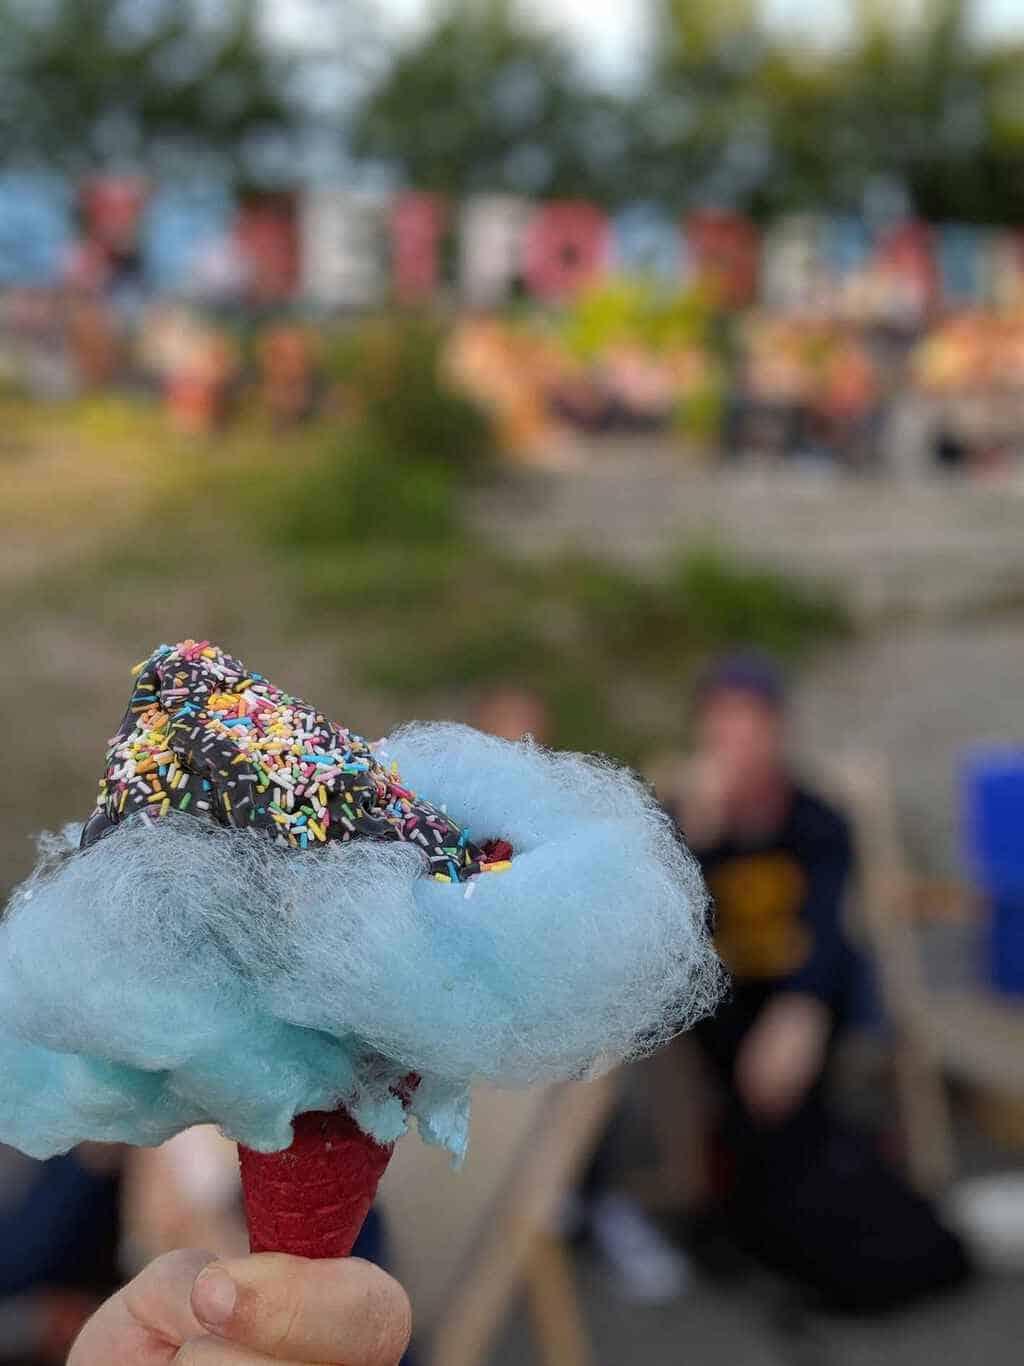 Taucherli Ice cream at Zurich Street Food Festival